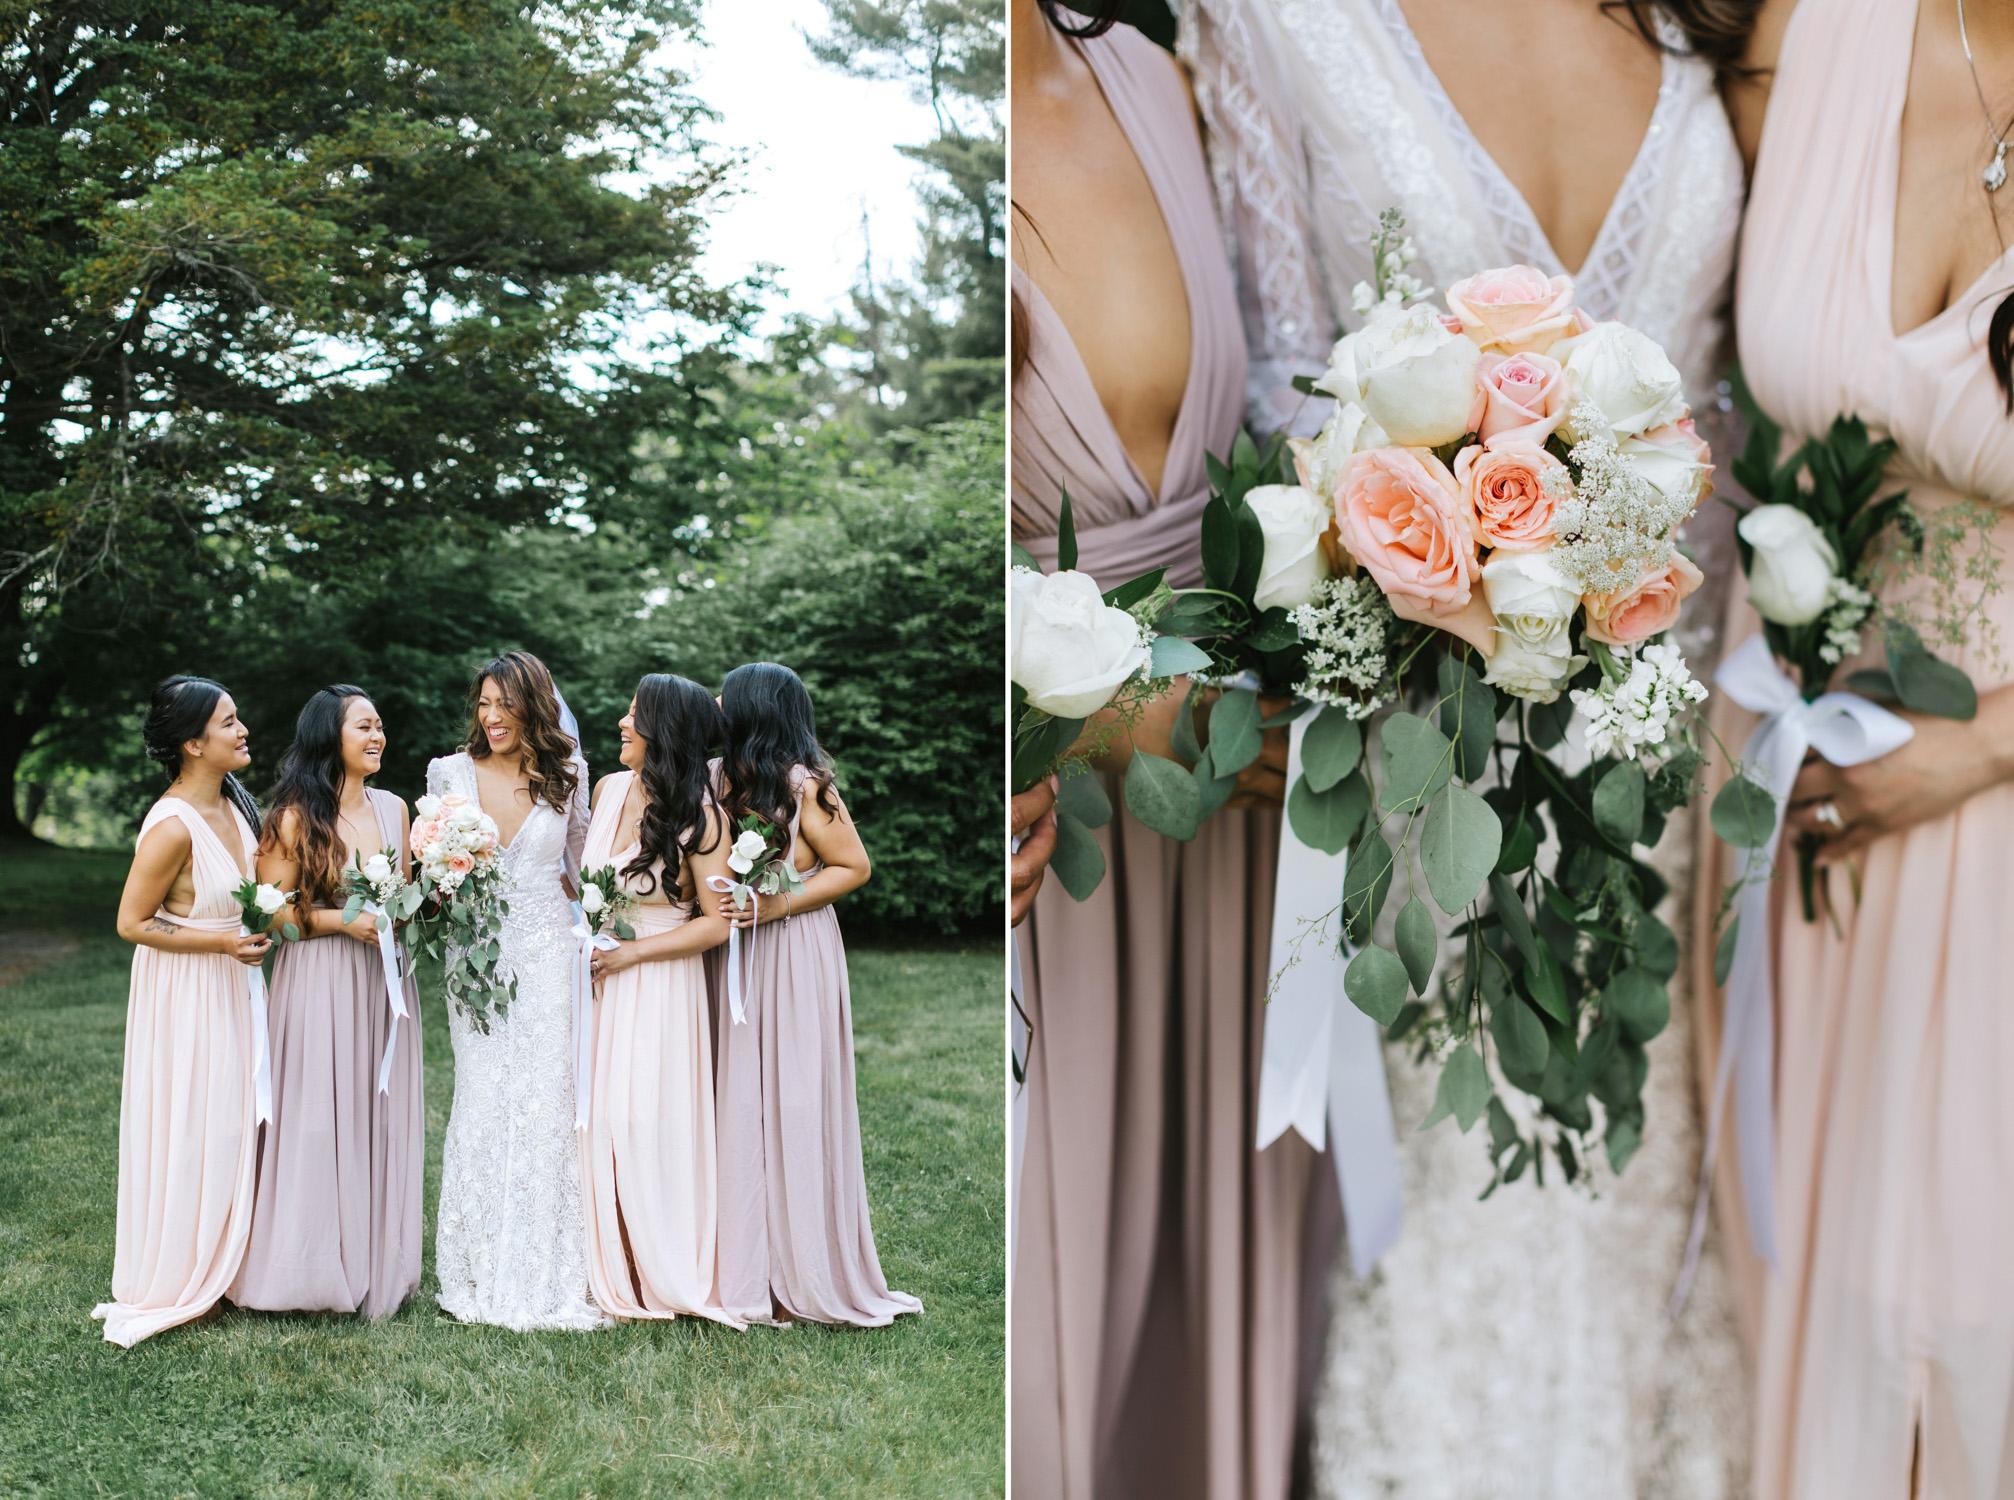 Stevens__Estate_Cambodian_Wedding_Photographer-26.jpg